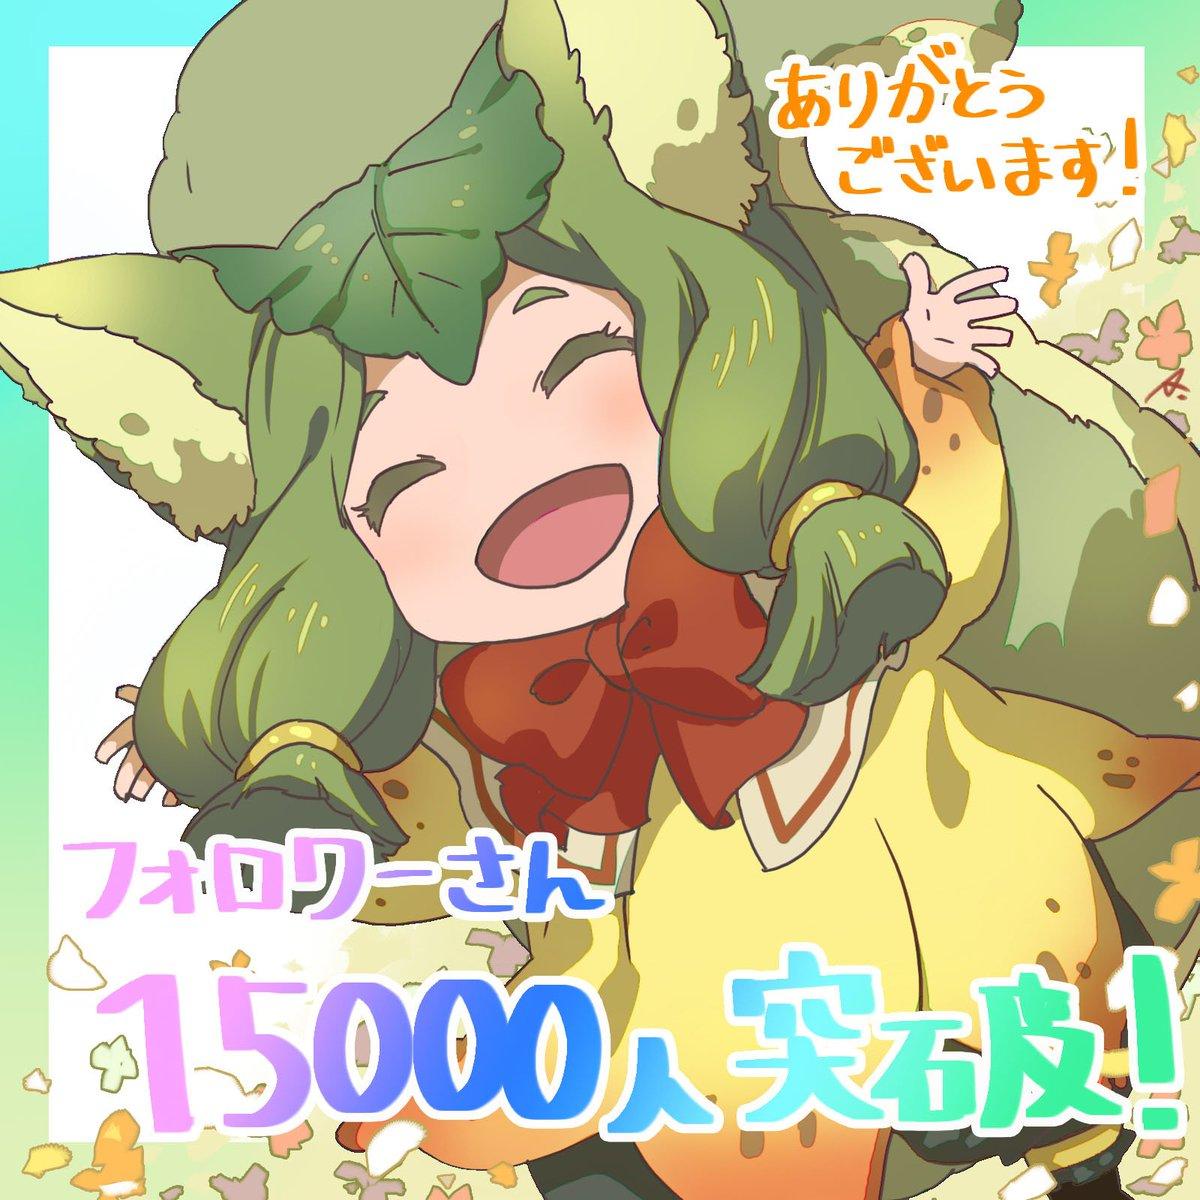 ✧フォロワー15000人突破✧公式アカウント()のフォロワー数が15000人を突破致しました!ありがとうございます( *